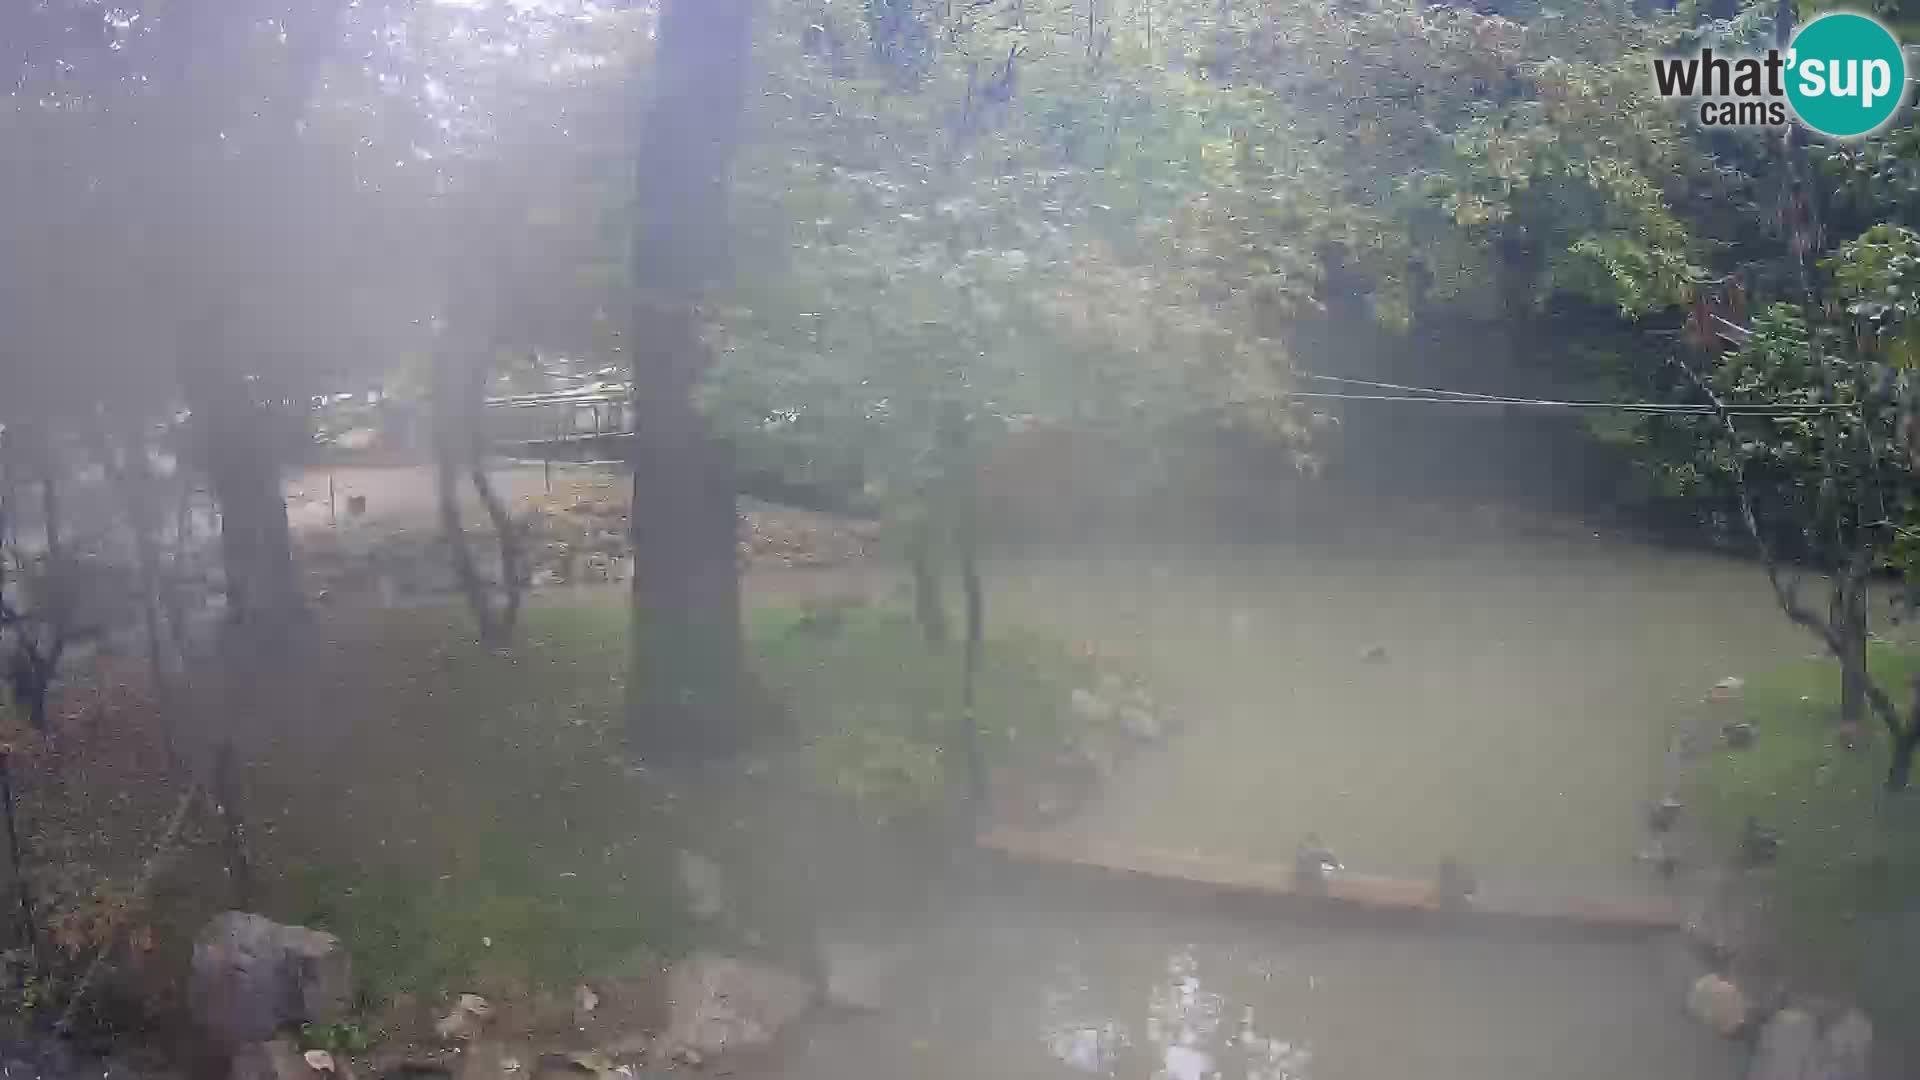 Sajmiri v živo – ZOO Ljubljana spletne kamere